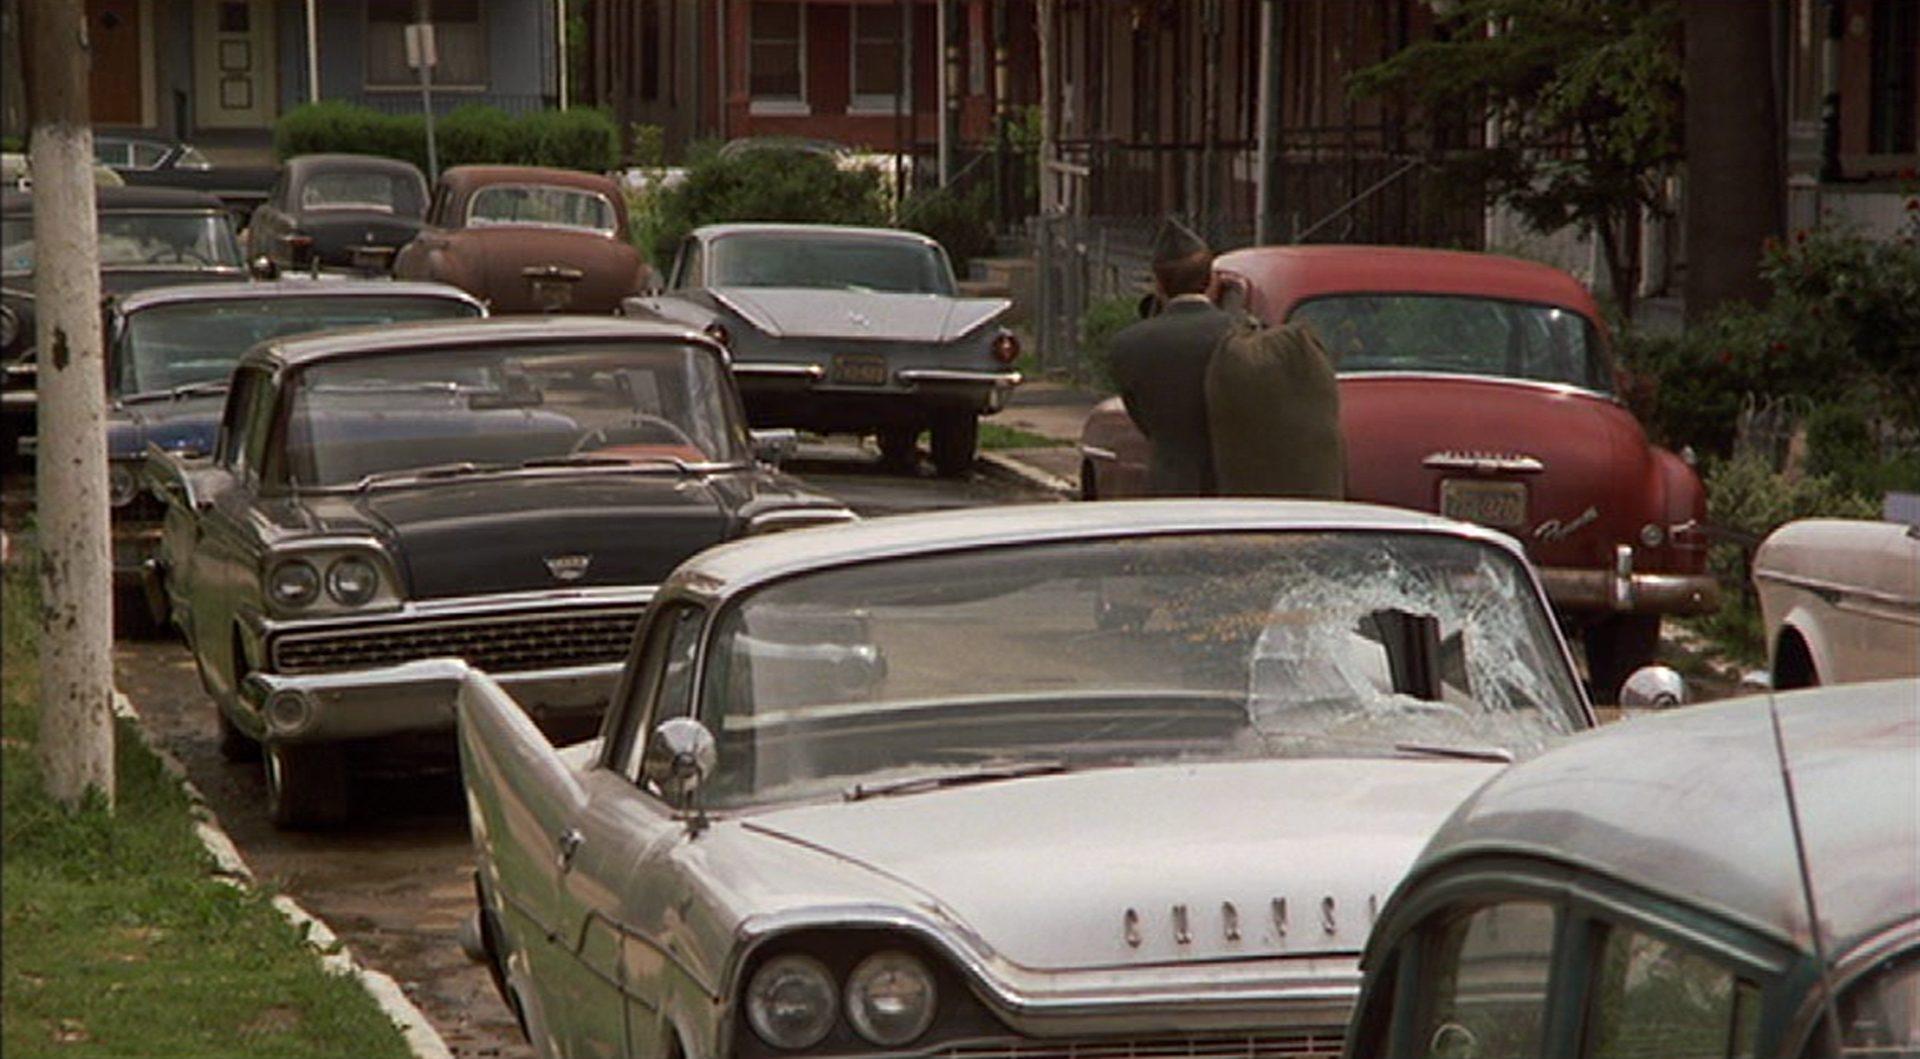 Blick durch eine Slum-Straße in Philadelphia; viele geparkte Limousinen verströmen das Zeitkolorit der 1960er Jahre.